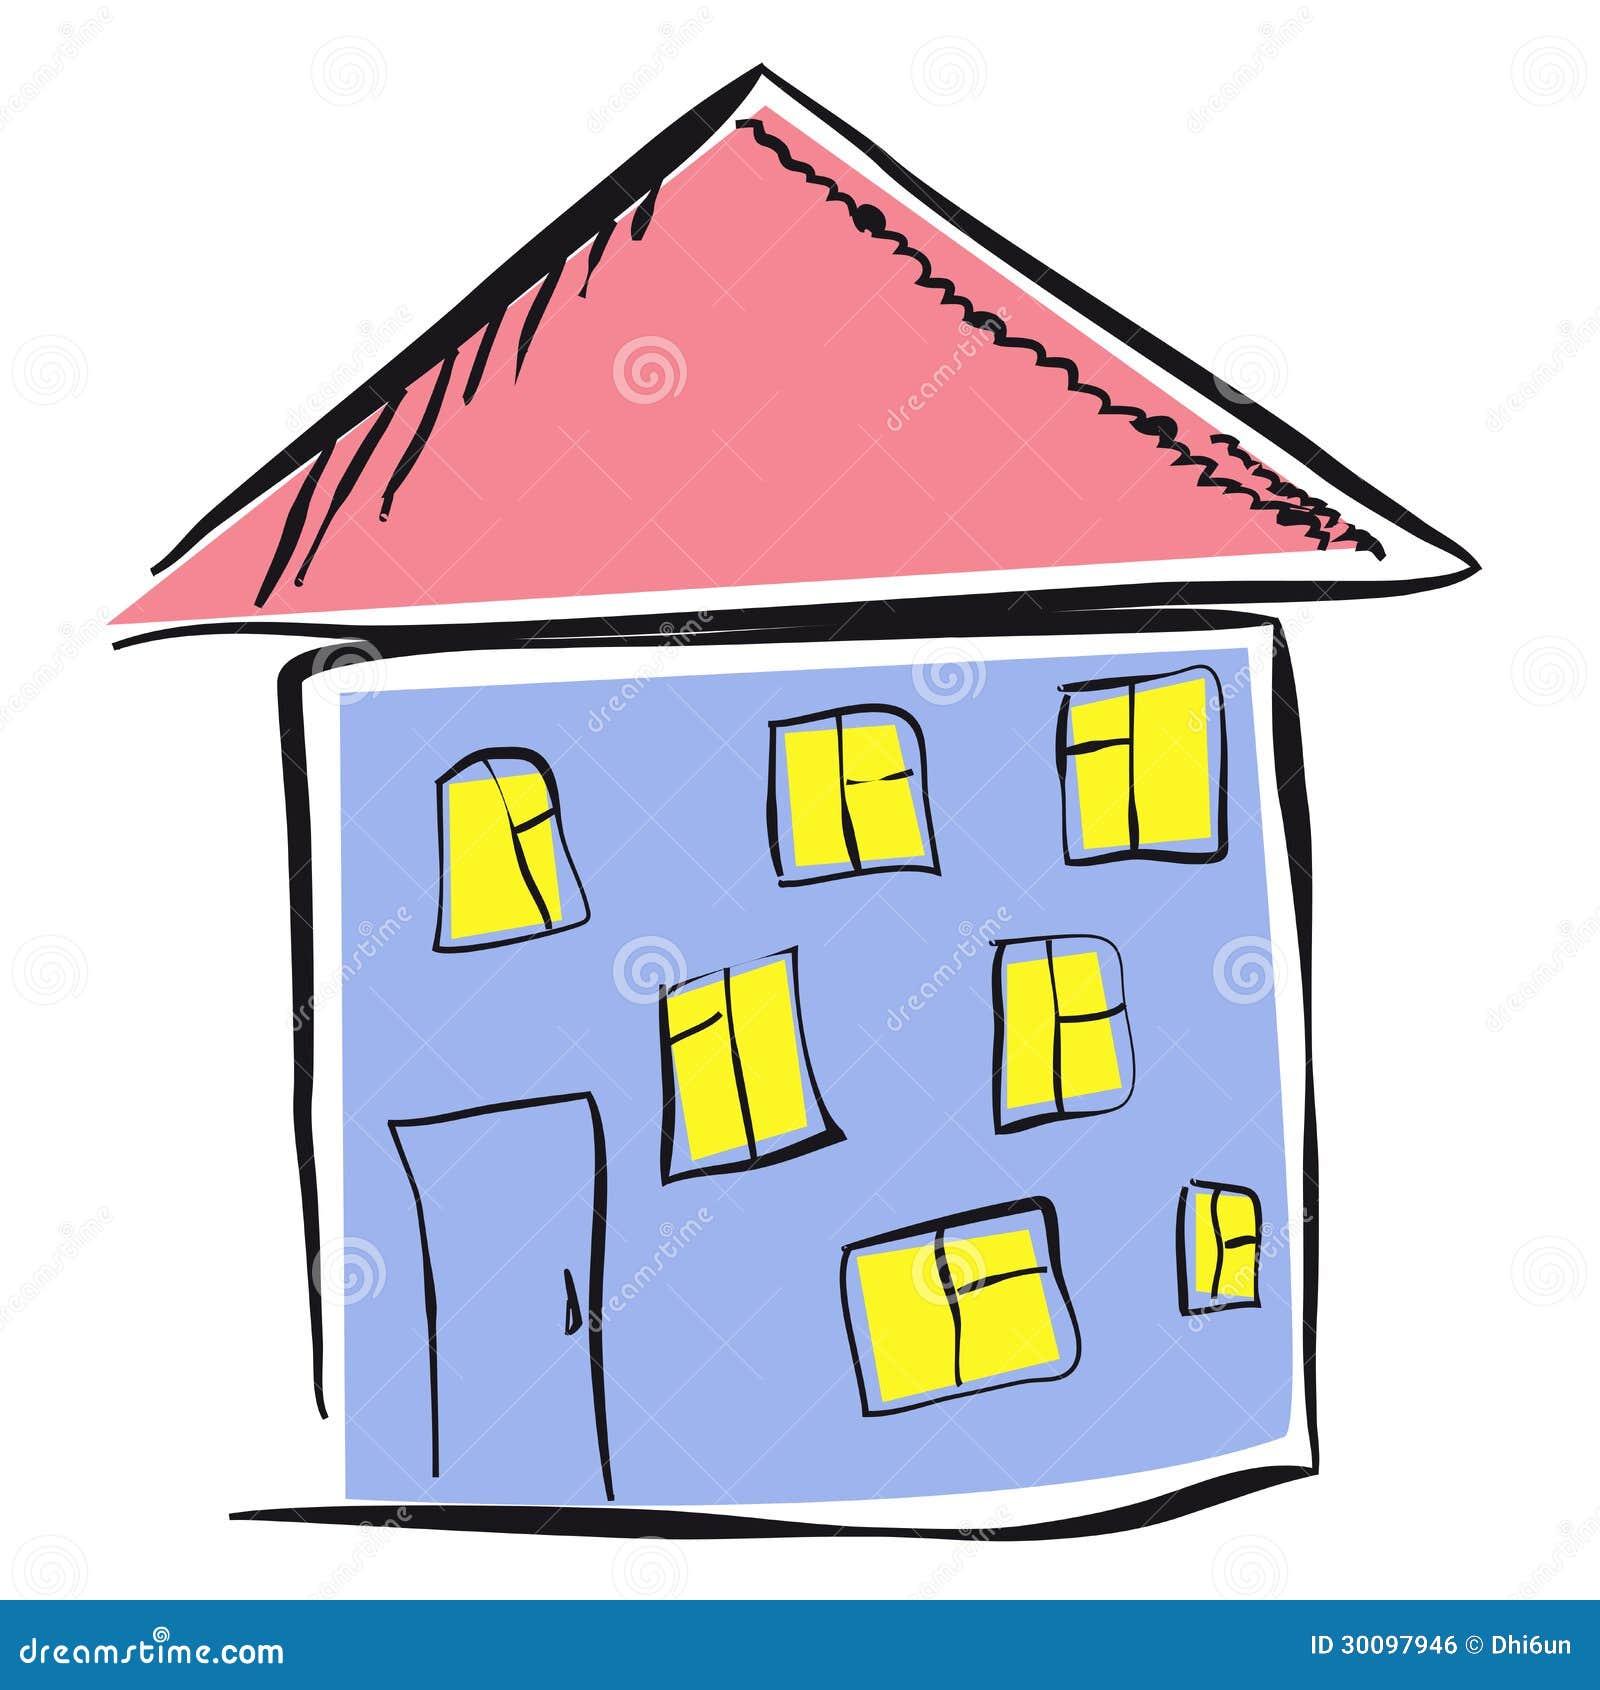 Le dessin de l 39 enfant d 39 une maison image libre de droits for Image maison dessin